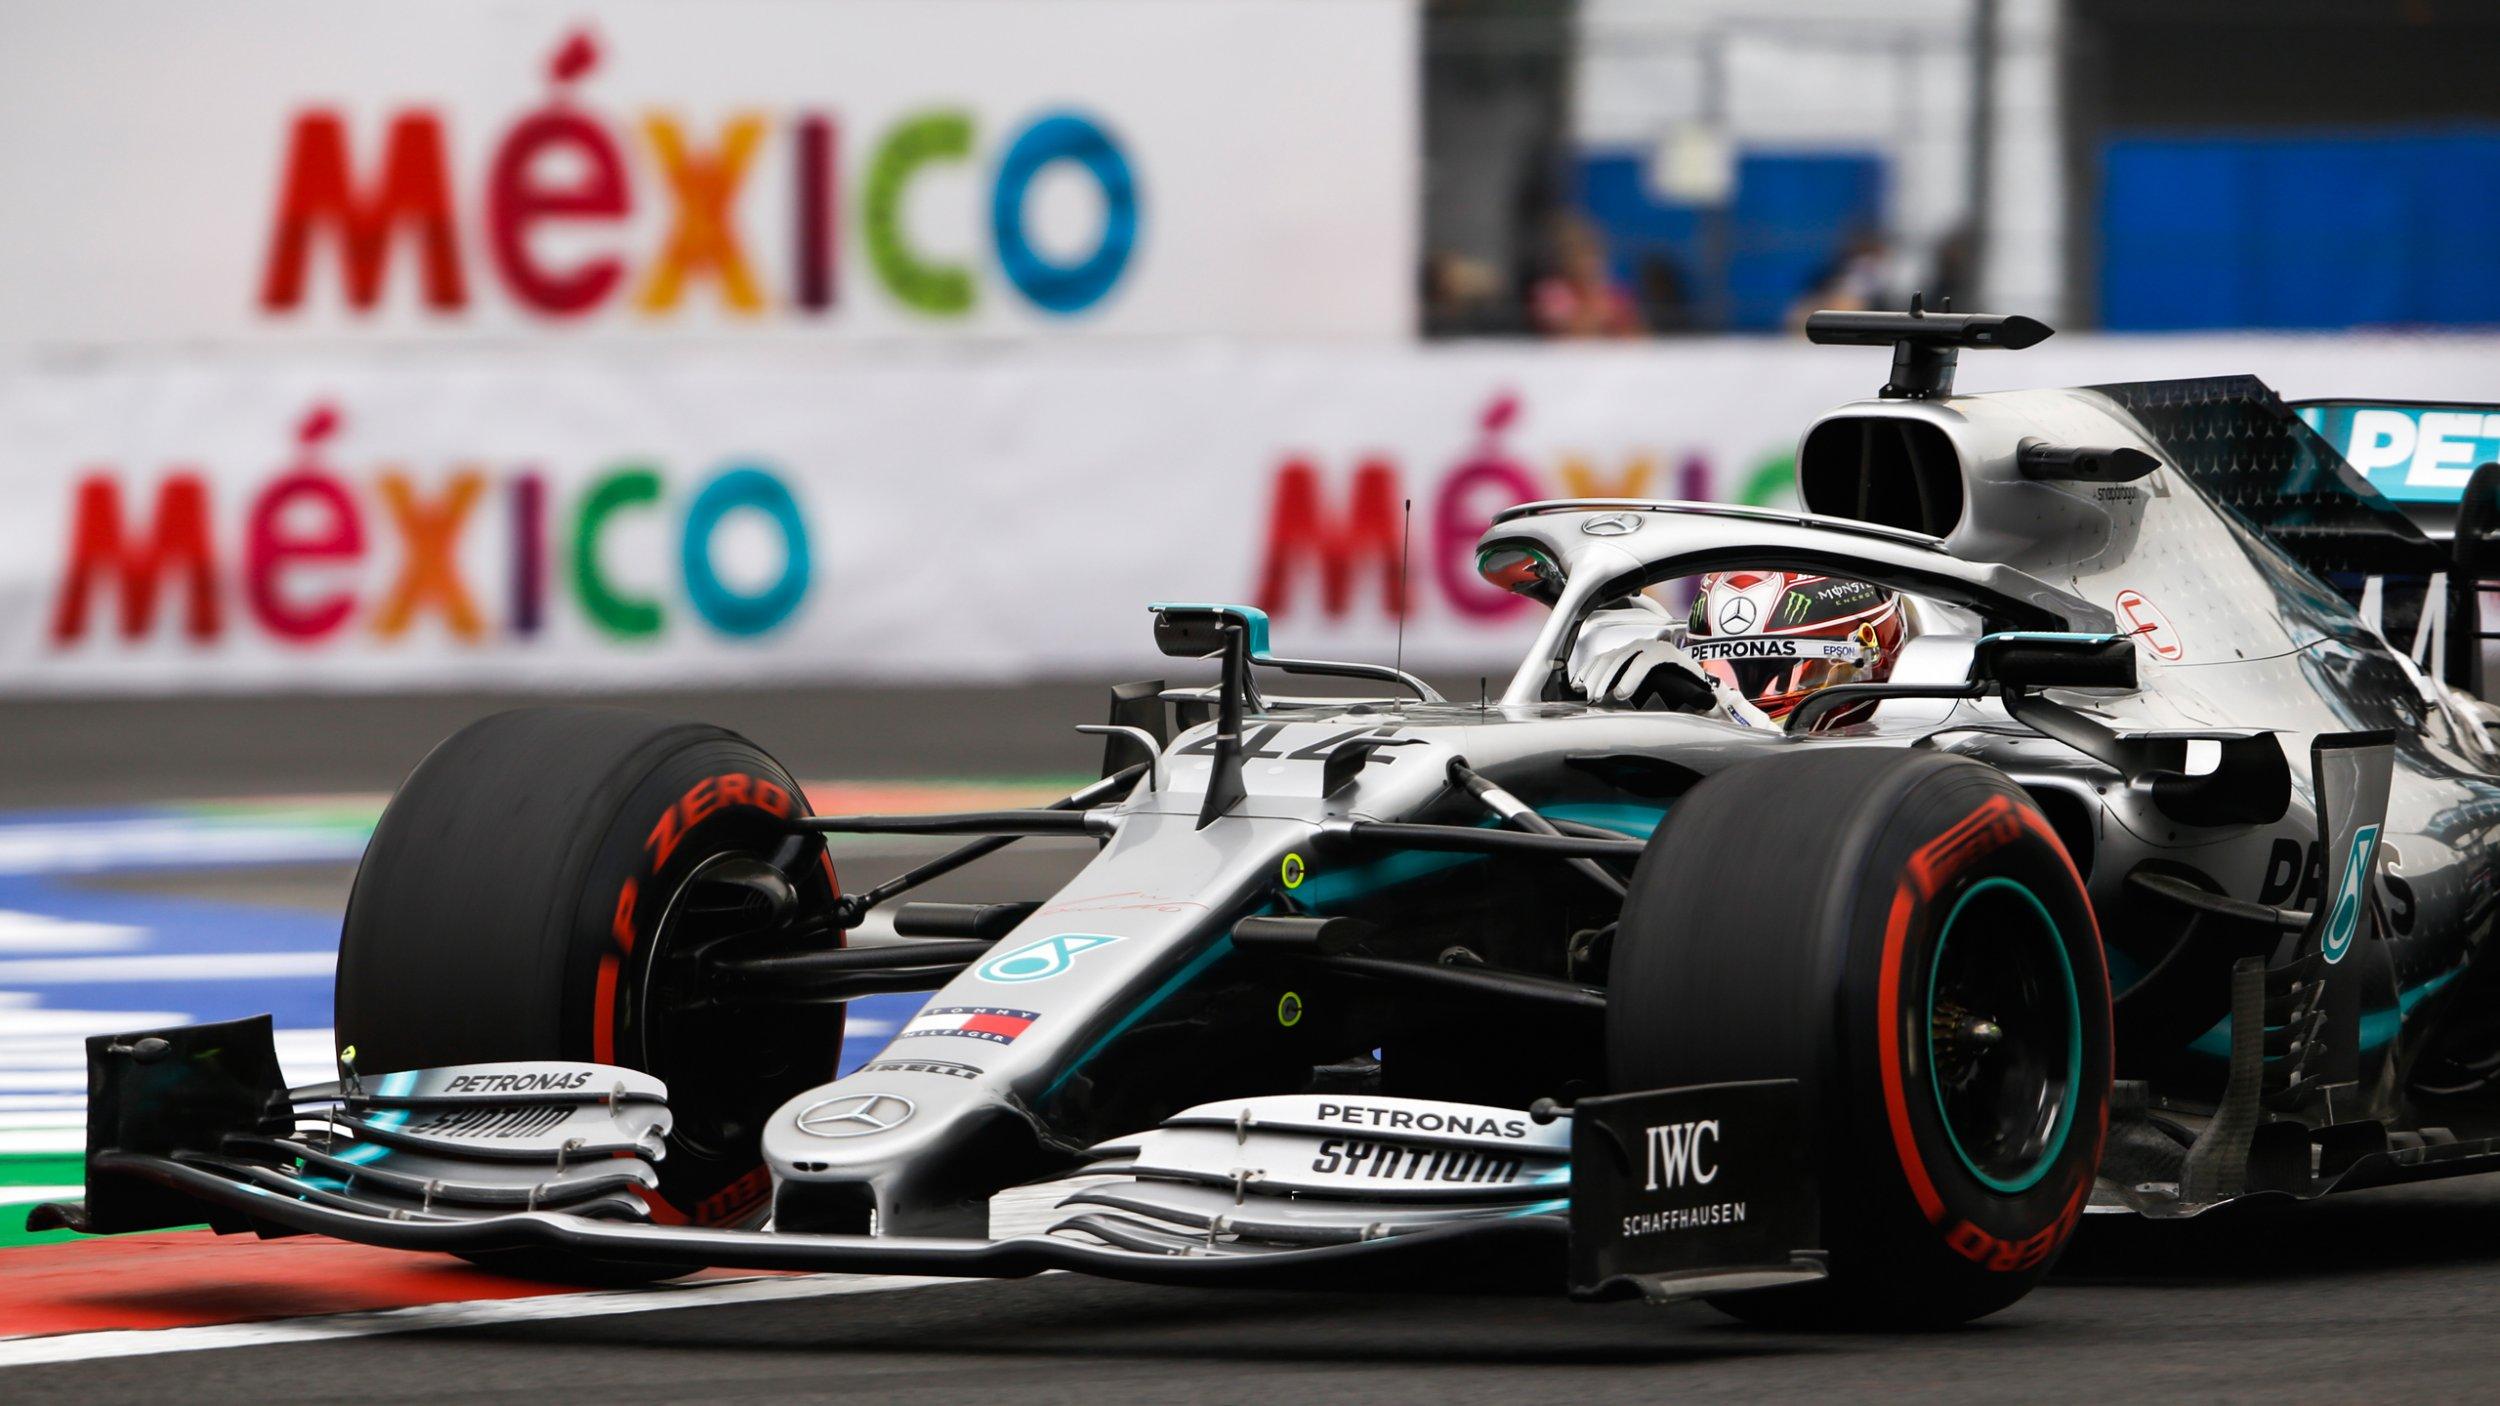 https://cloud.mb-lounge.com/files/HQ-Events/Motorsport/Formel%201/event-calendar-mercedes-benz-formula-1-grand-prix-mexico-2560x1440.jpg